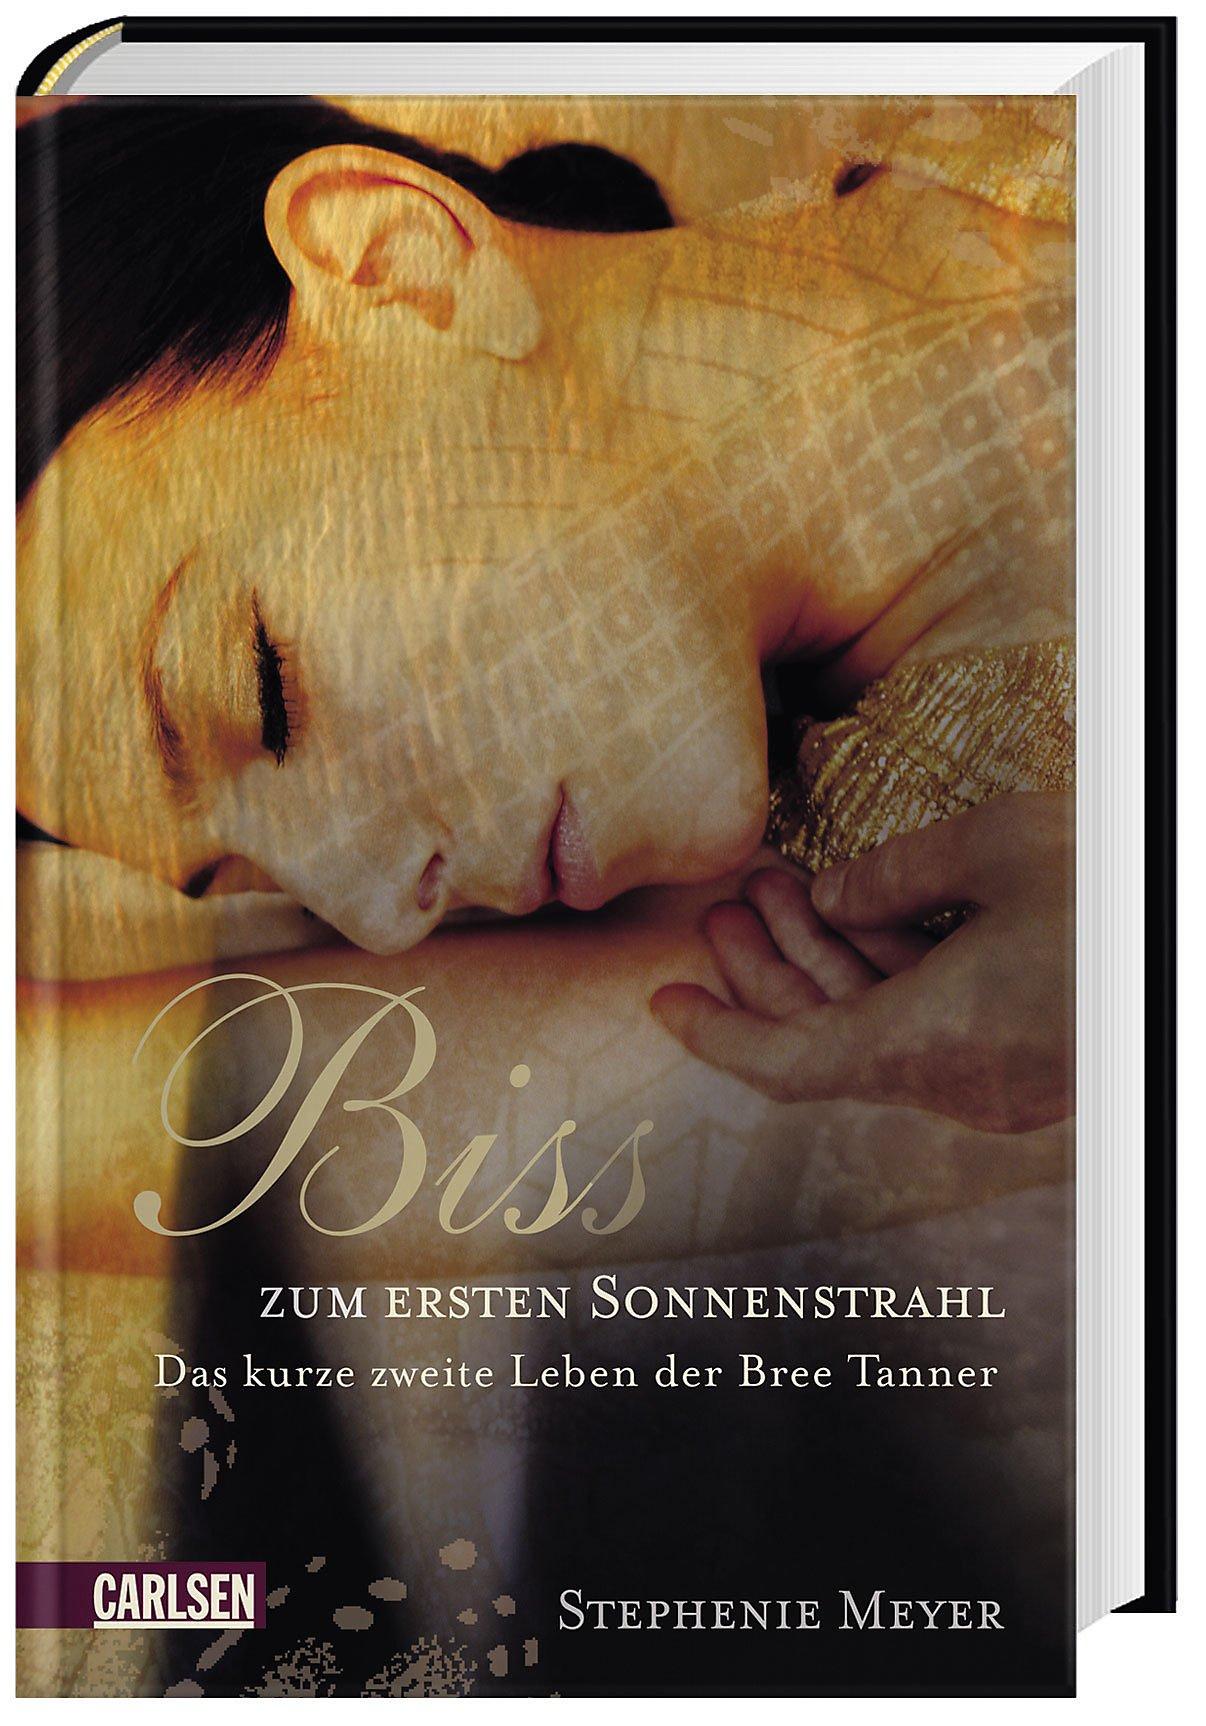 timeless design san francisco wide varieties Bis s zum ersten Sonnenstrahl Buch versandkostenfrei bei ...